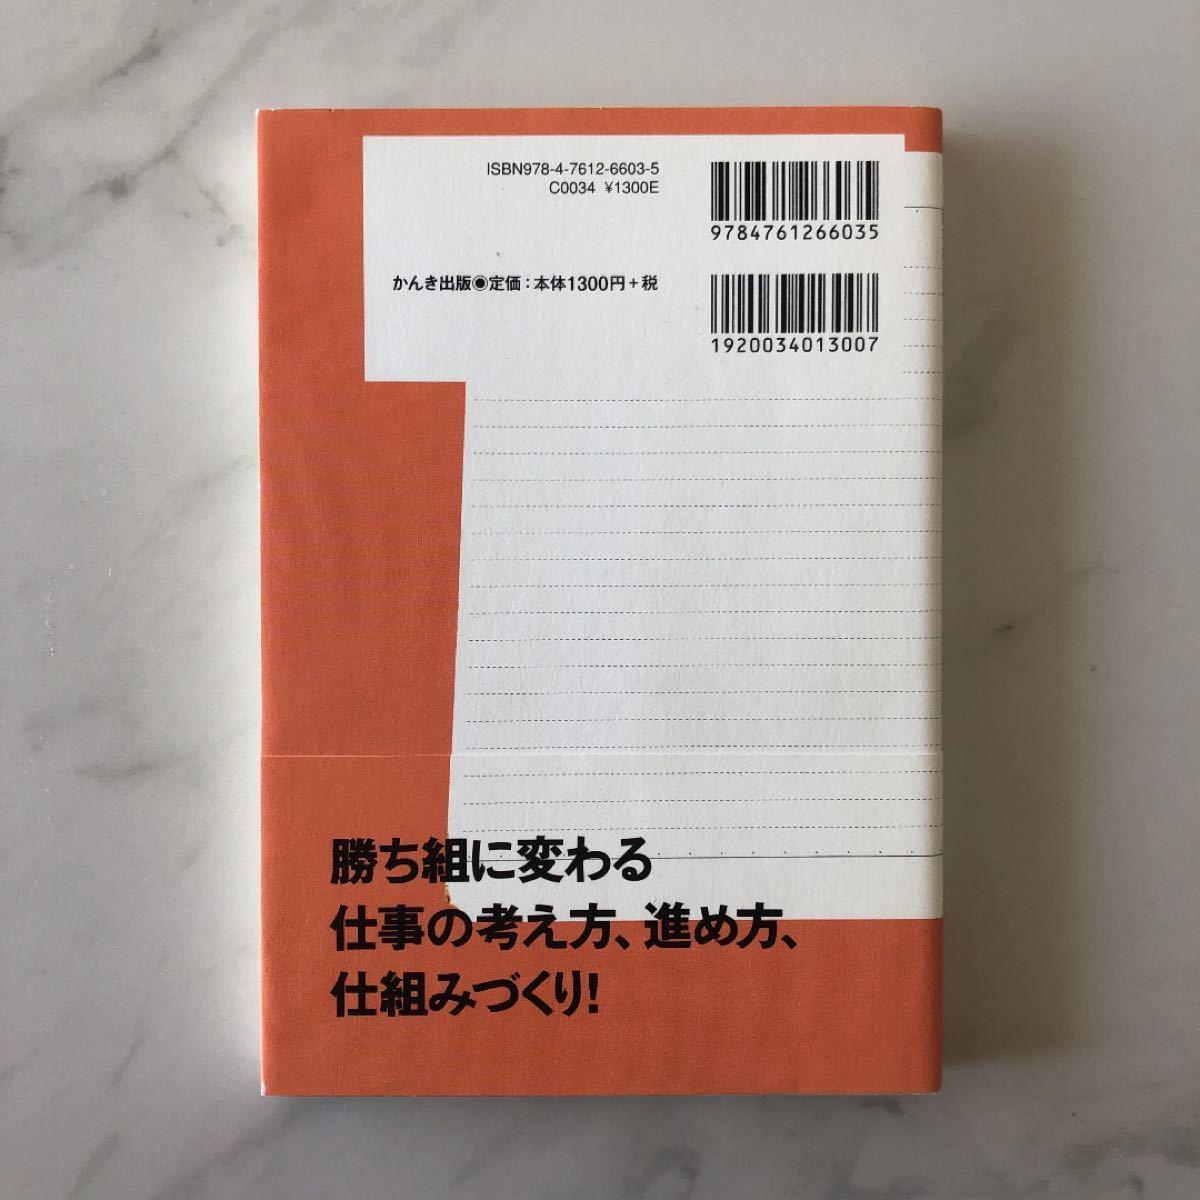 「社長のノート 2000社の赤字会社を黒字にした 仕事に大切な「気づきメモ」」